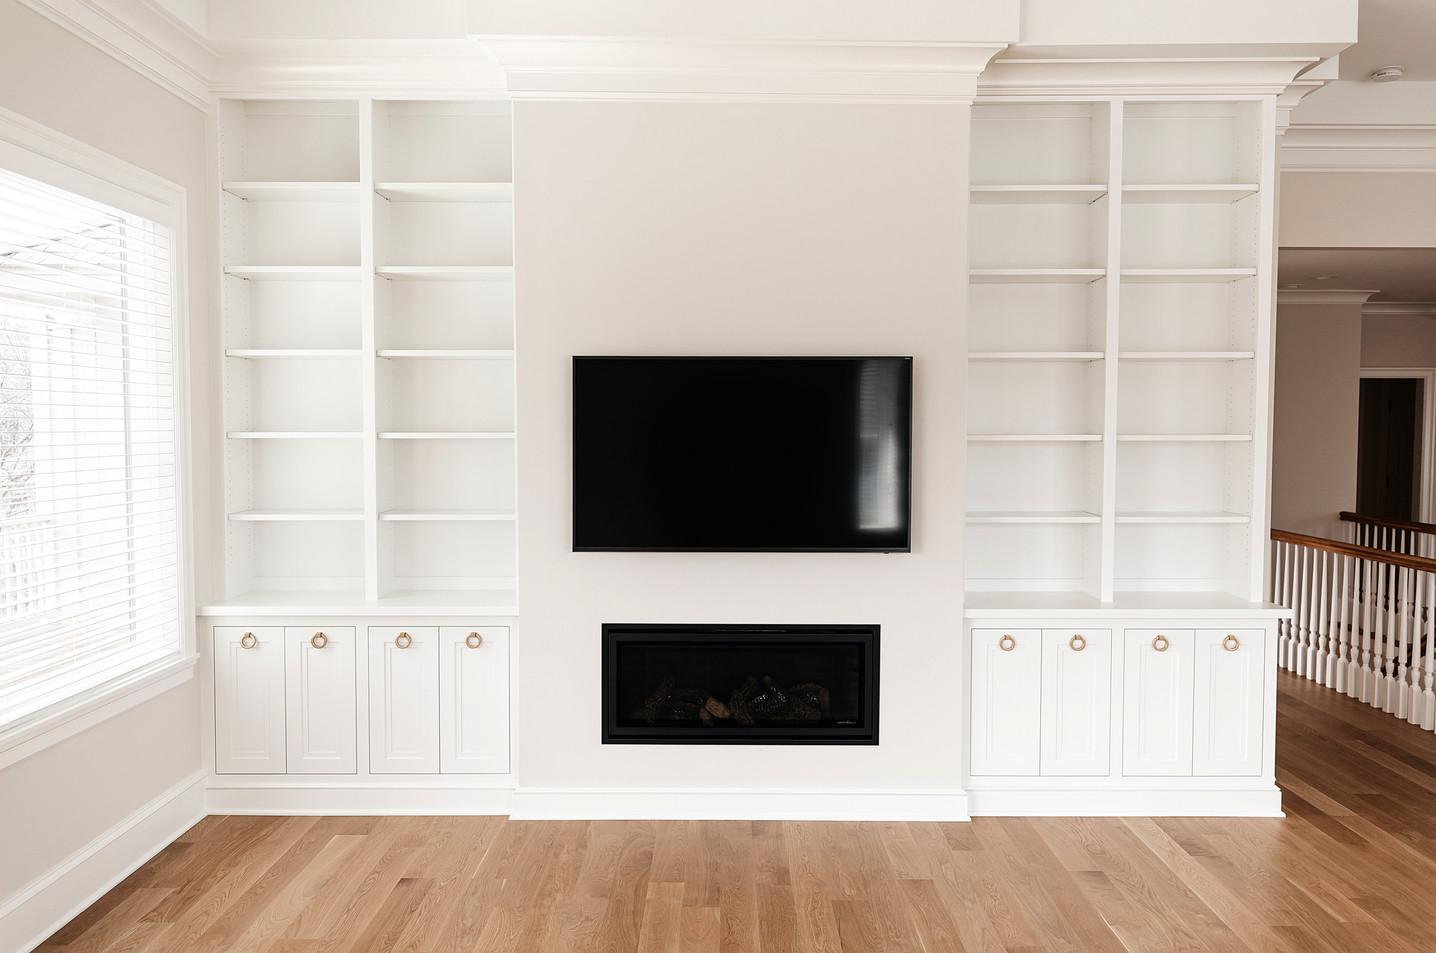 T_Waycliffe_Media Shelves-2.jpg